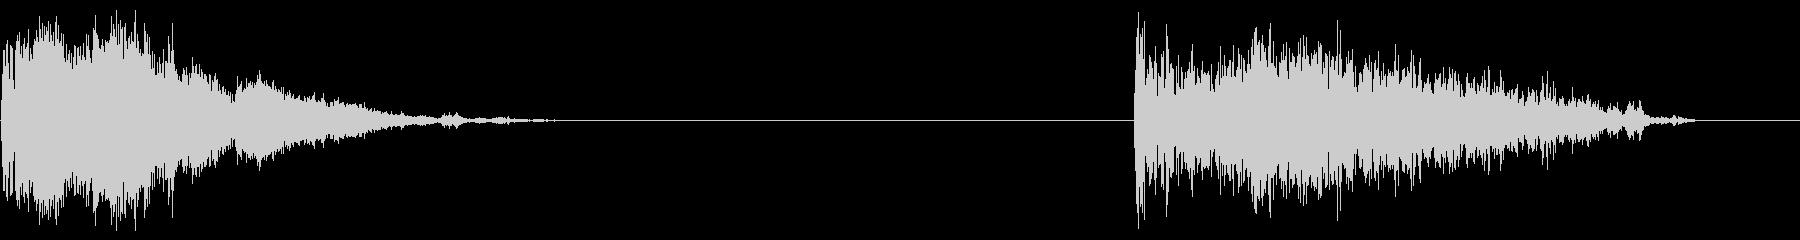 カークラッシュ、2バージョン; D...の未再生の波形